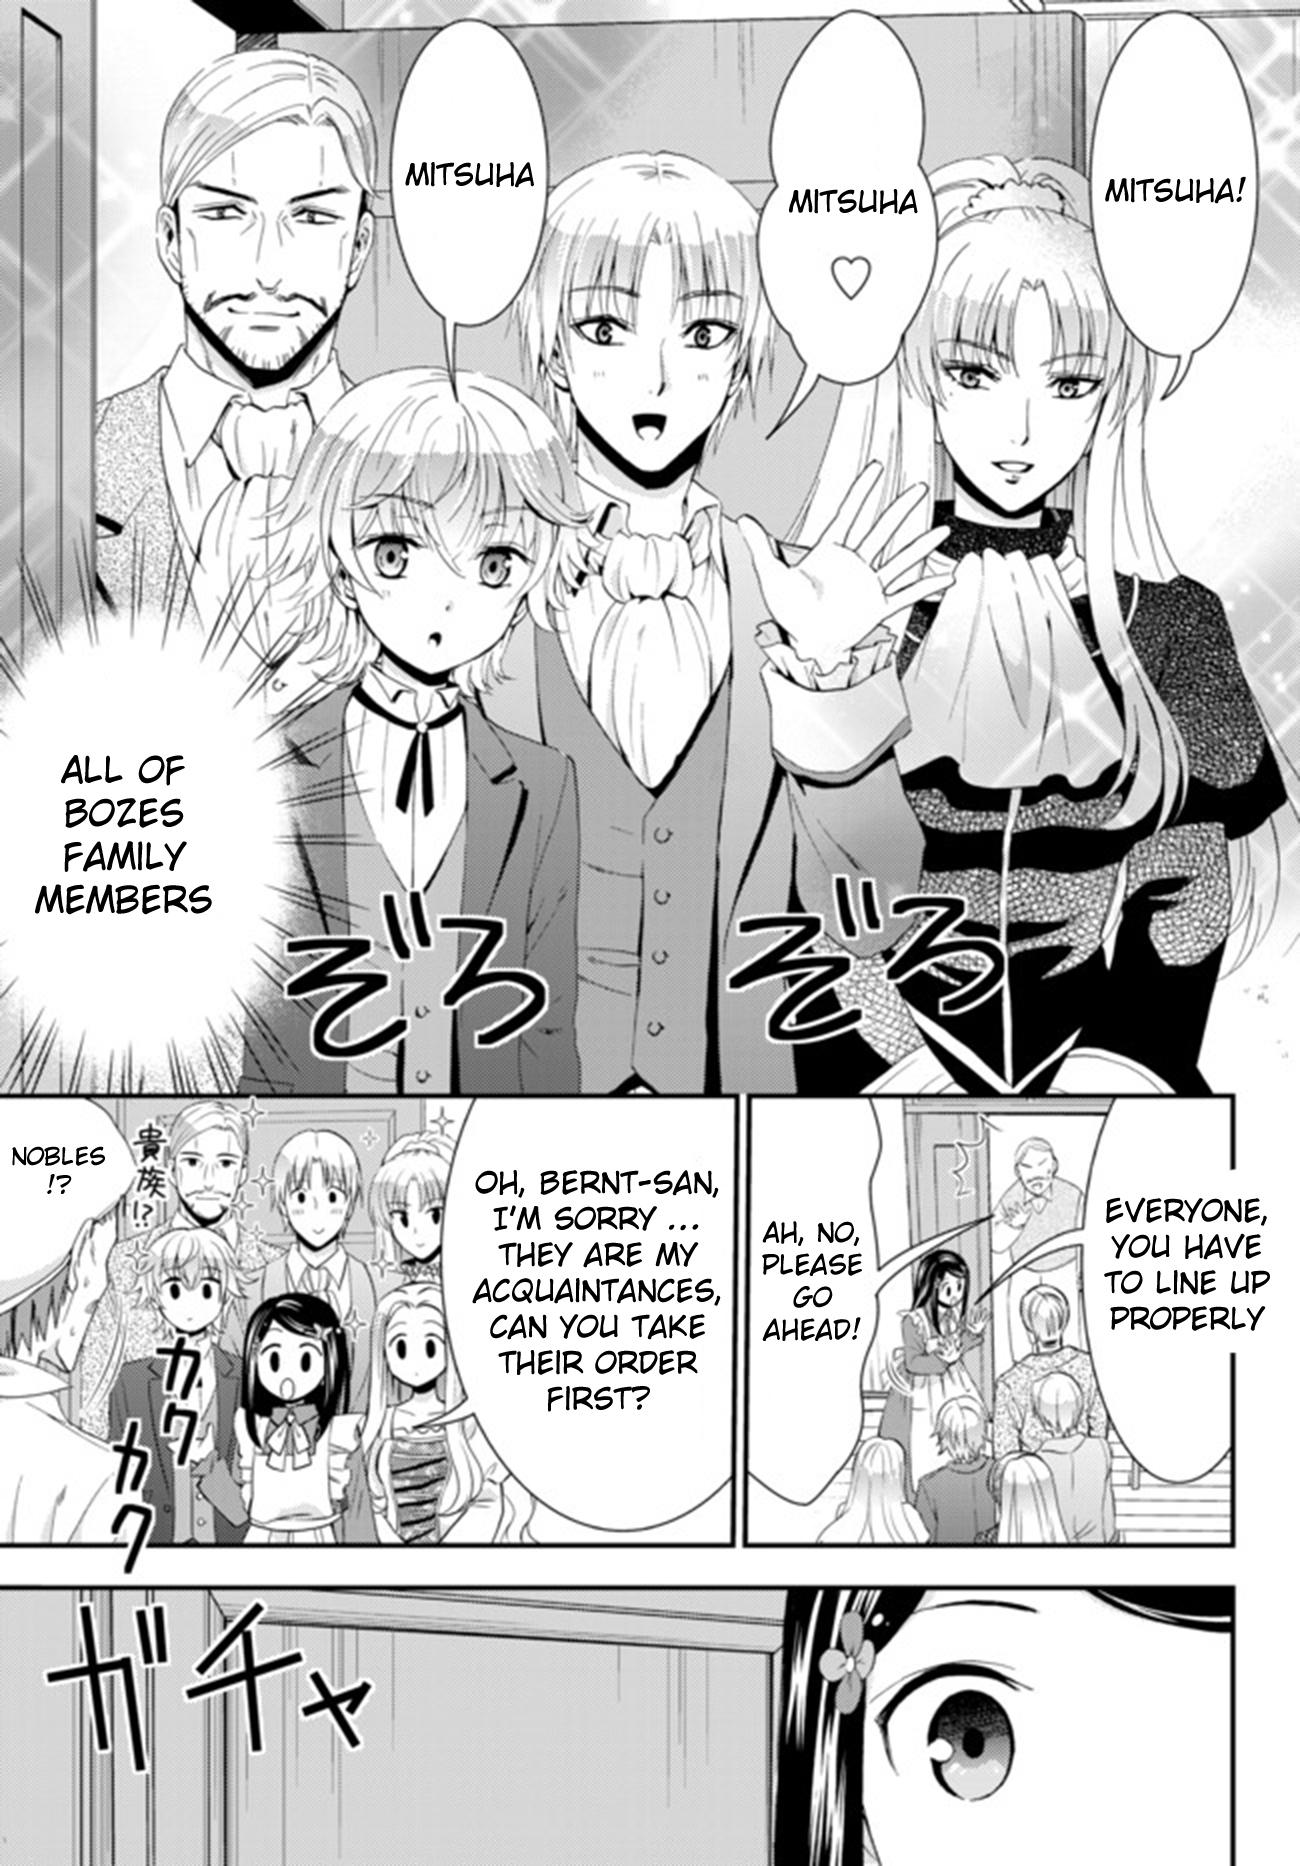 Mitsuha Manga Chapter 26-2 Page 14